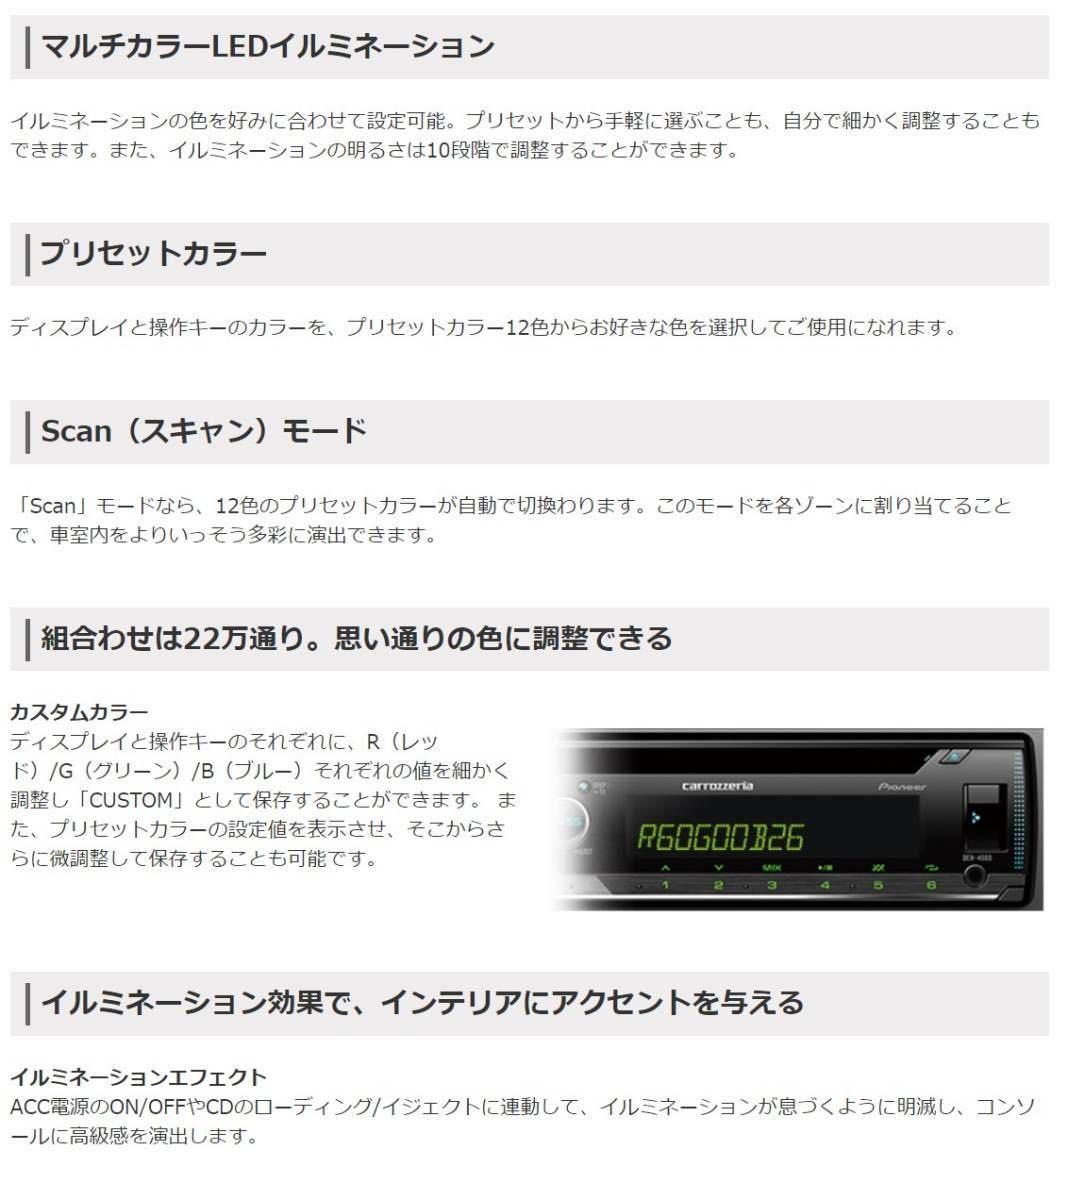 【送料無料】新品簡単取付!24Vオーディオ CDデッキ カロッツェリア CD/USB/AM FMラジオ/AUX デコデコ取付済 DEH-4600 トラック ダンプ_画像9